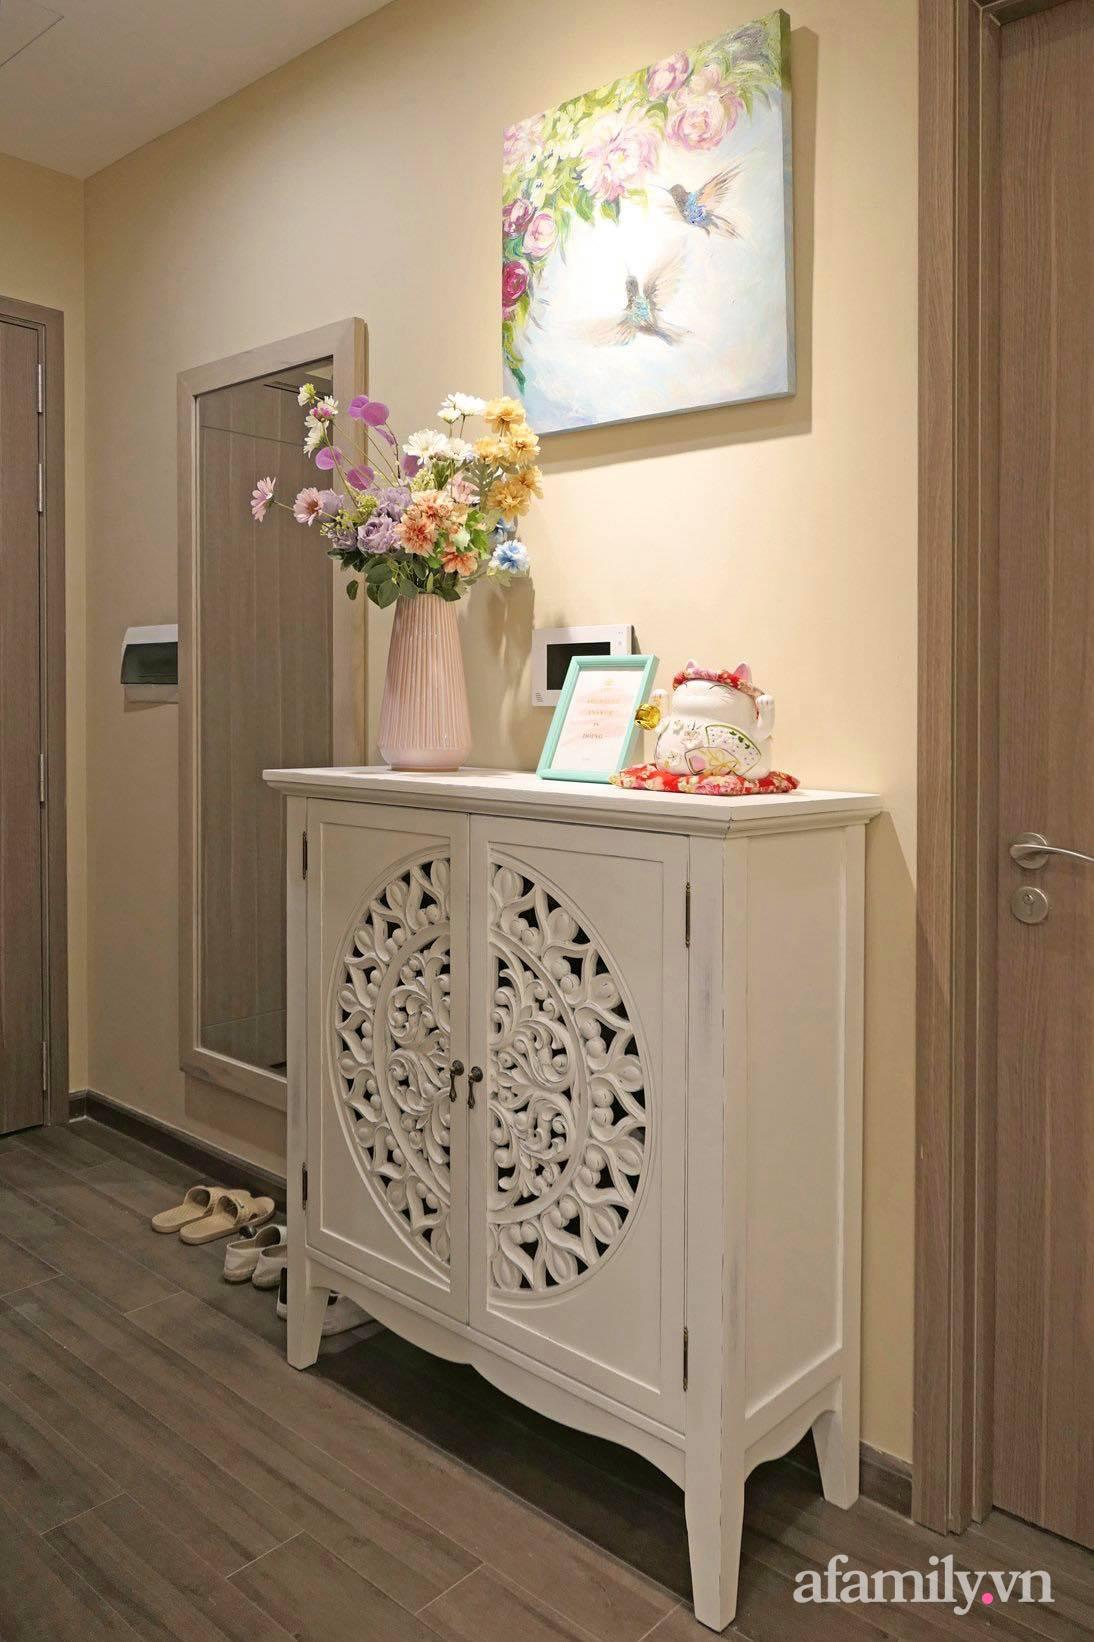 """Căn hộ siêu dễ thương decor theo phong cách Vintage được chủ nhà hoàn thiện """"vội"""" trong 10 ngày ở Hà Nội - Ảnh 15."""